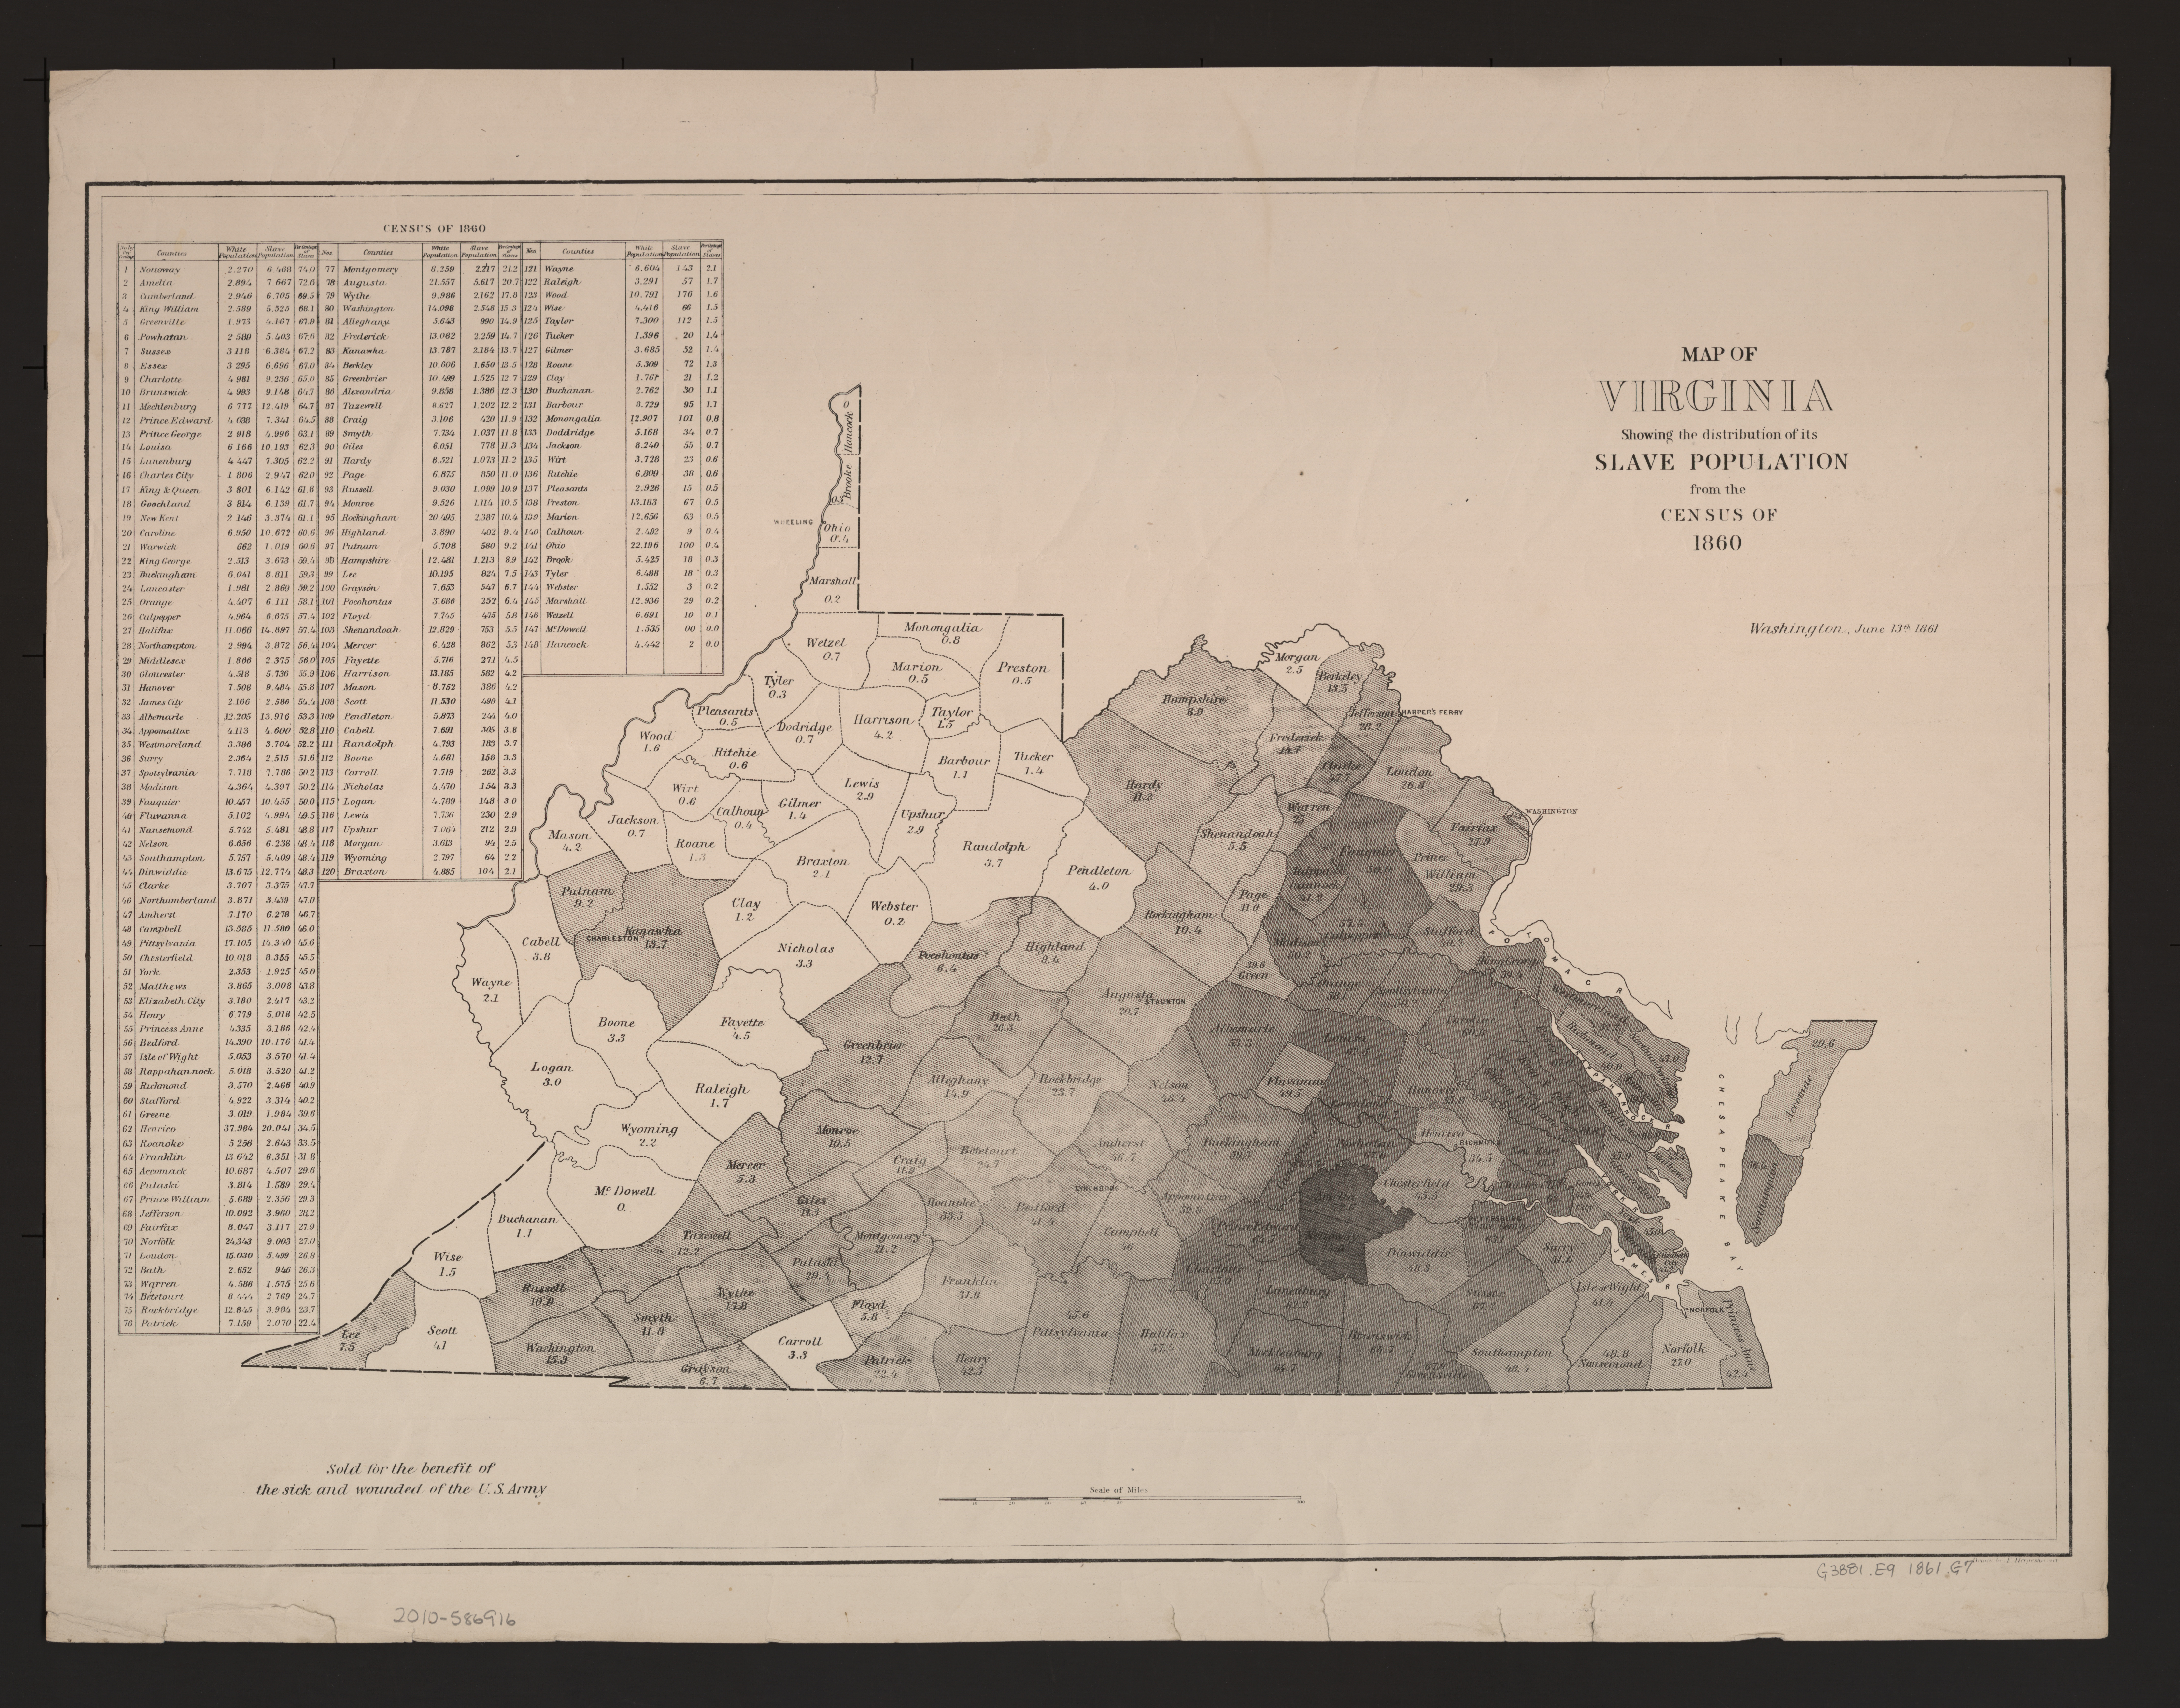 Virginia slave population